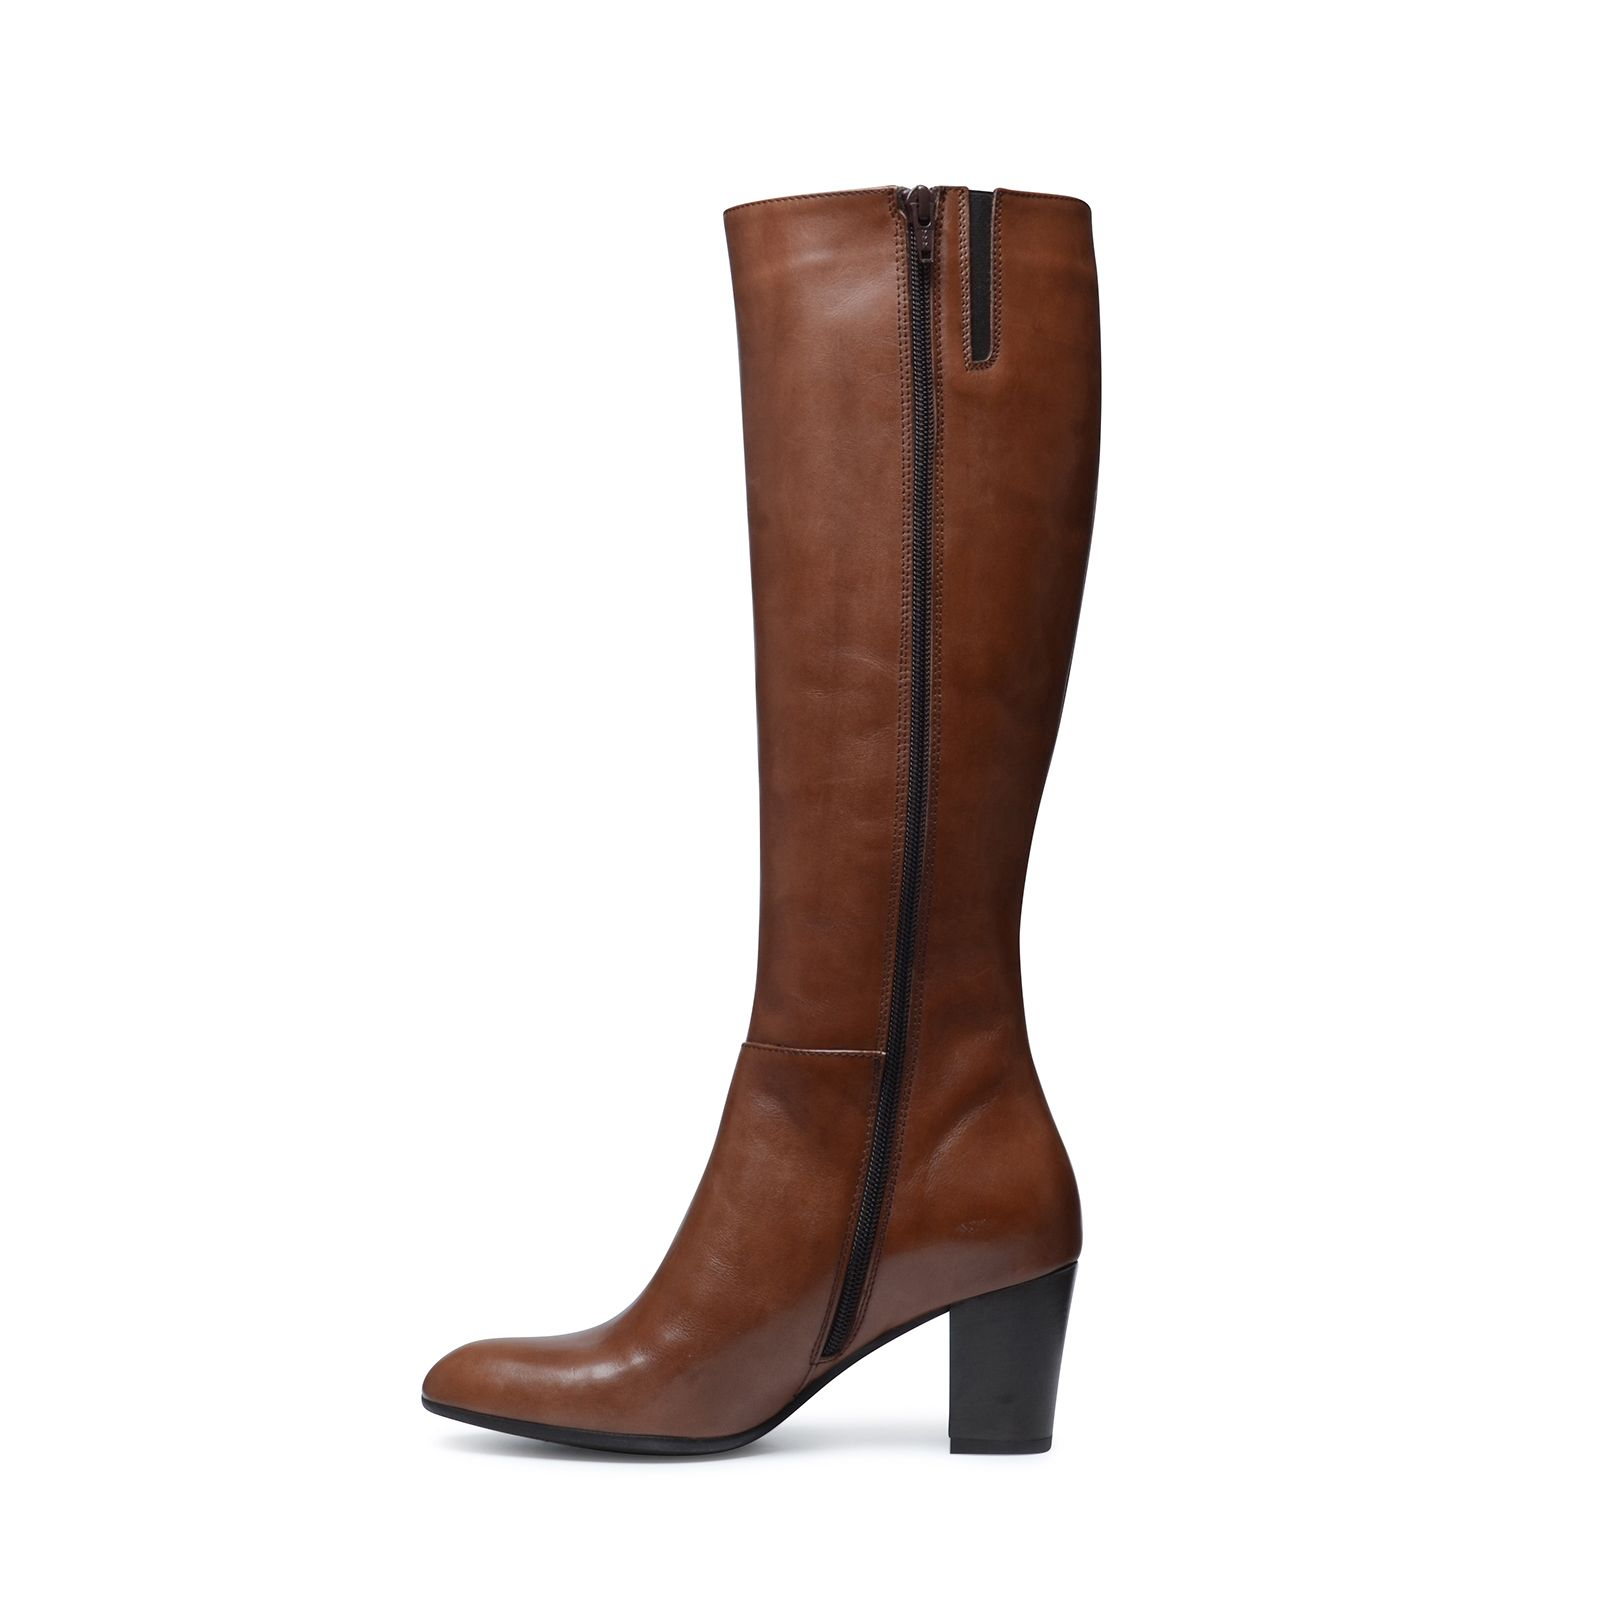 Cognac leren hoge laarzen met hak Dames | MANFIELD